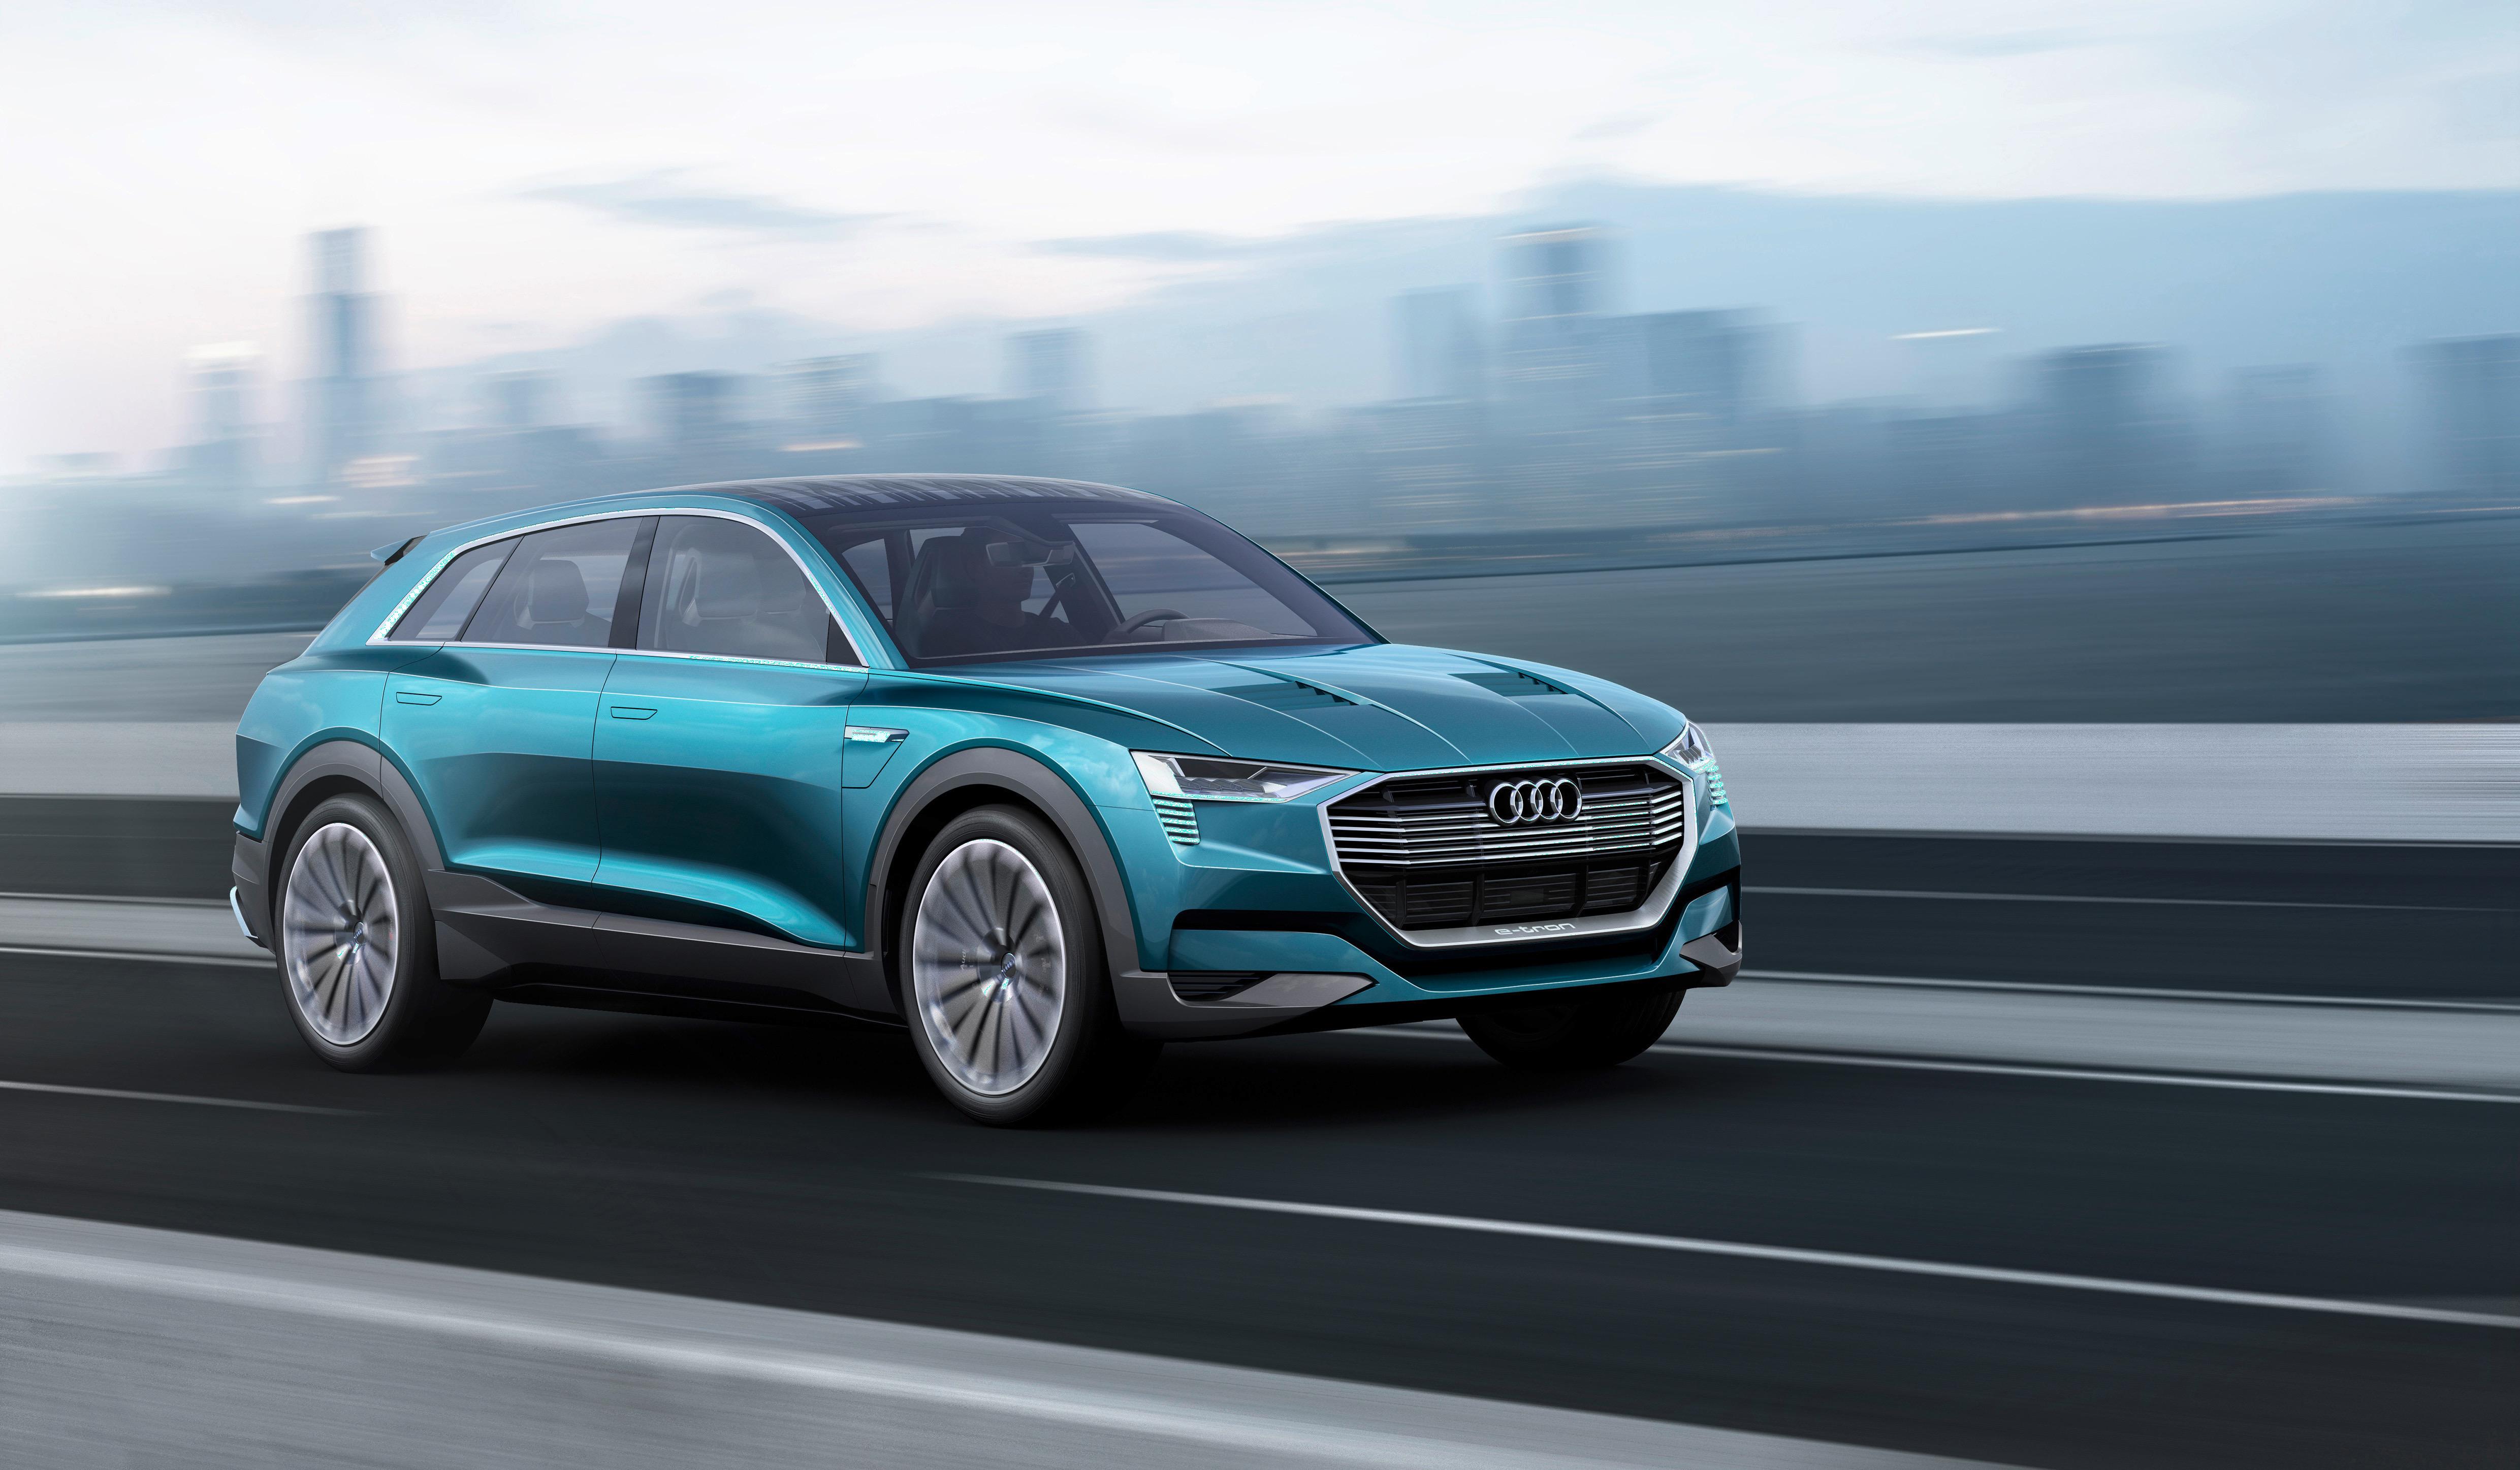 Audi's e-tron quattro concept SUV is shown on a desert landscape.